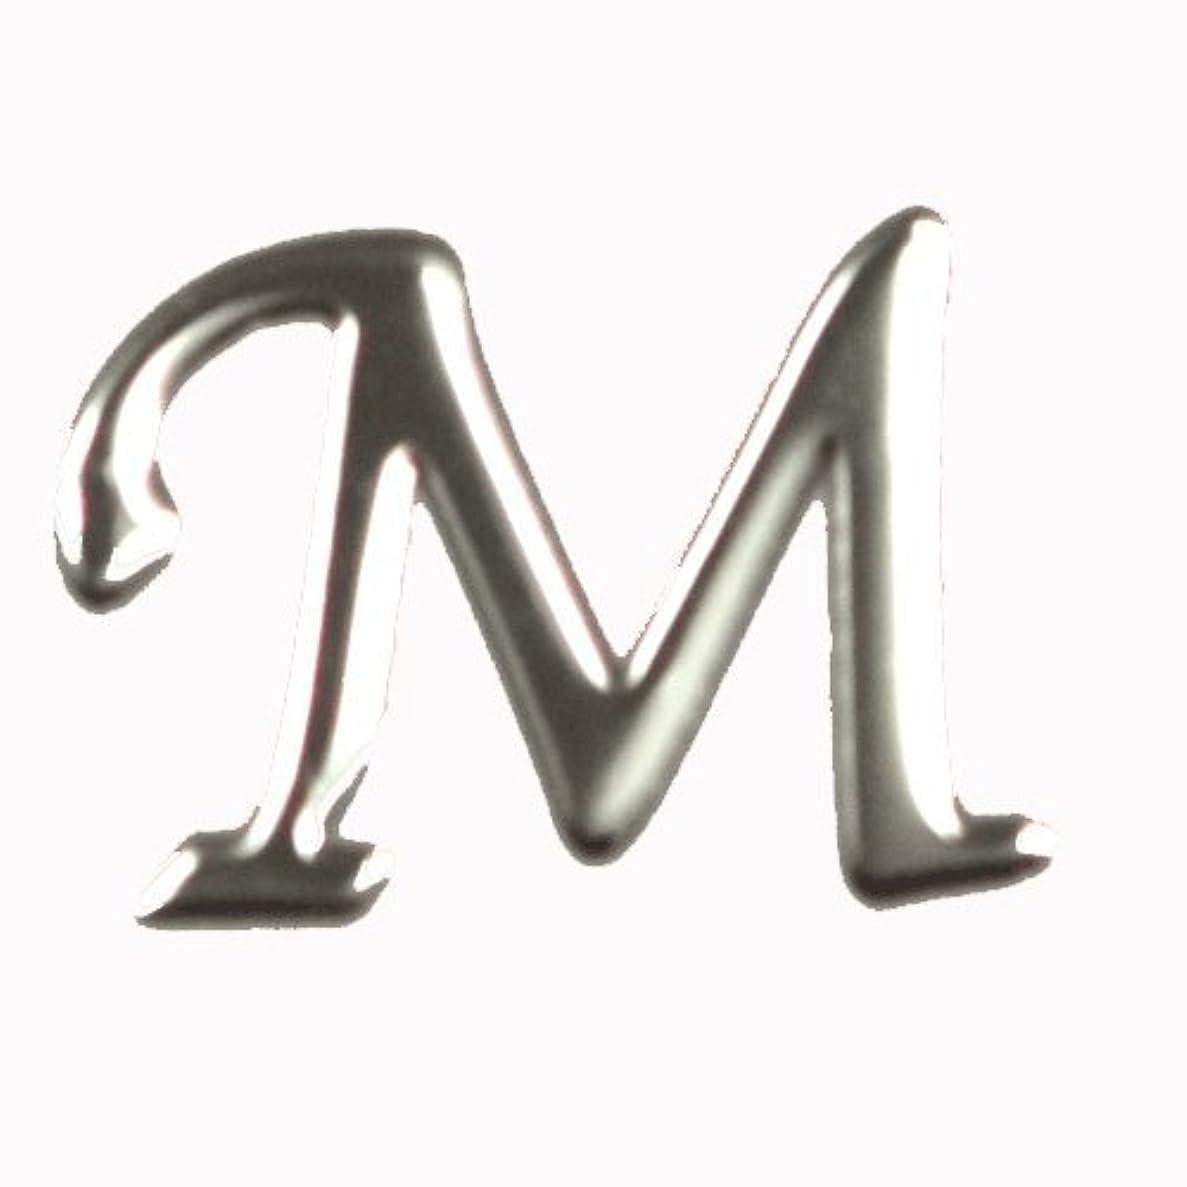 乳製品統計初心者アルファベット 薄型メタルパーツ 20枚 /片面仕上げ イニシャルパーツ SILVER (M / 5x7mm)